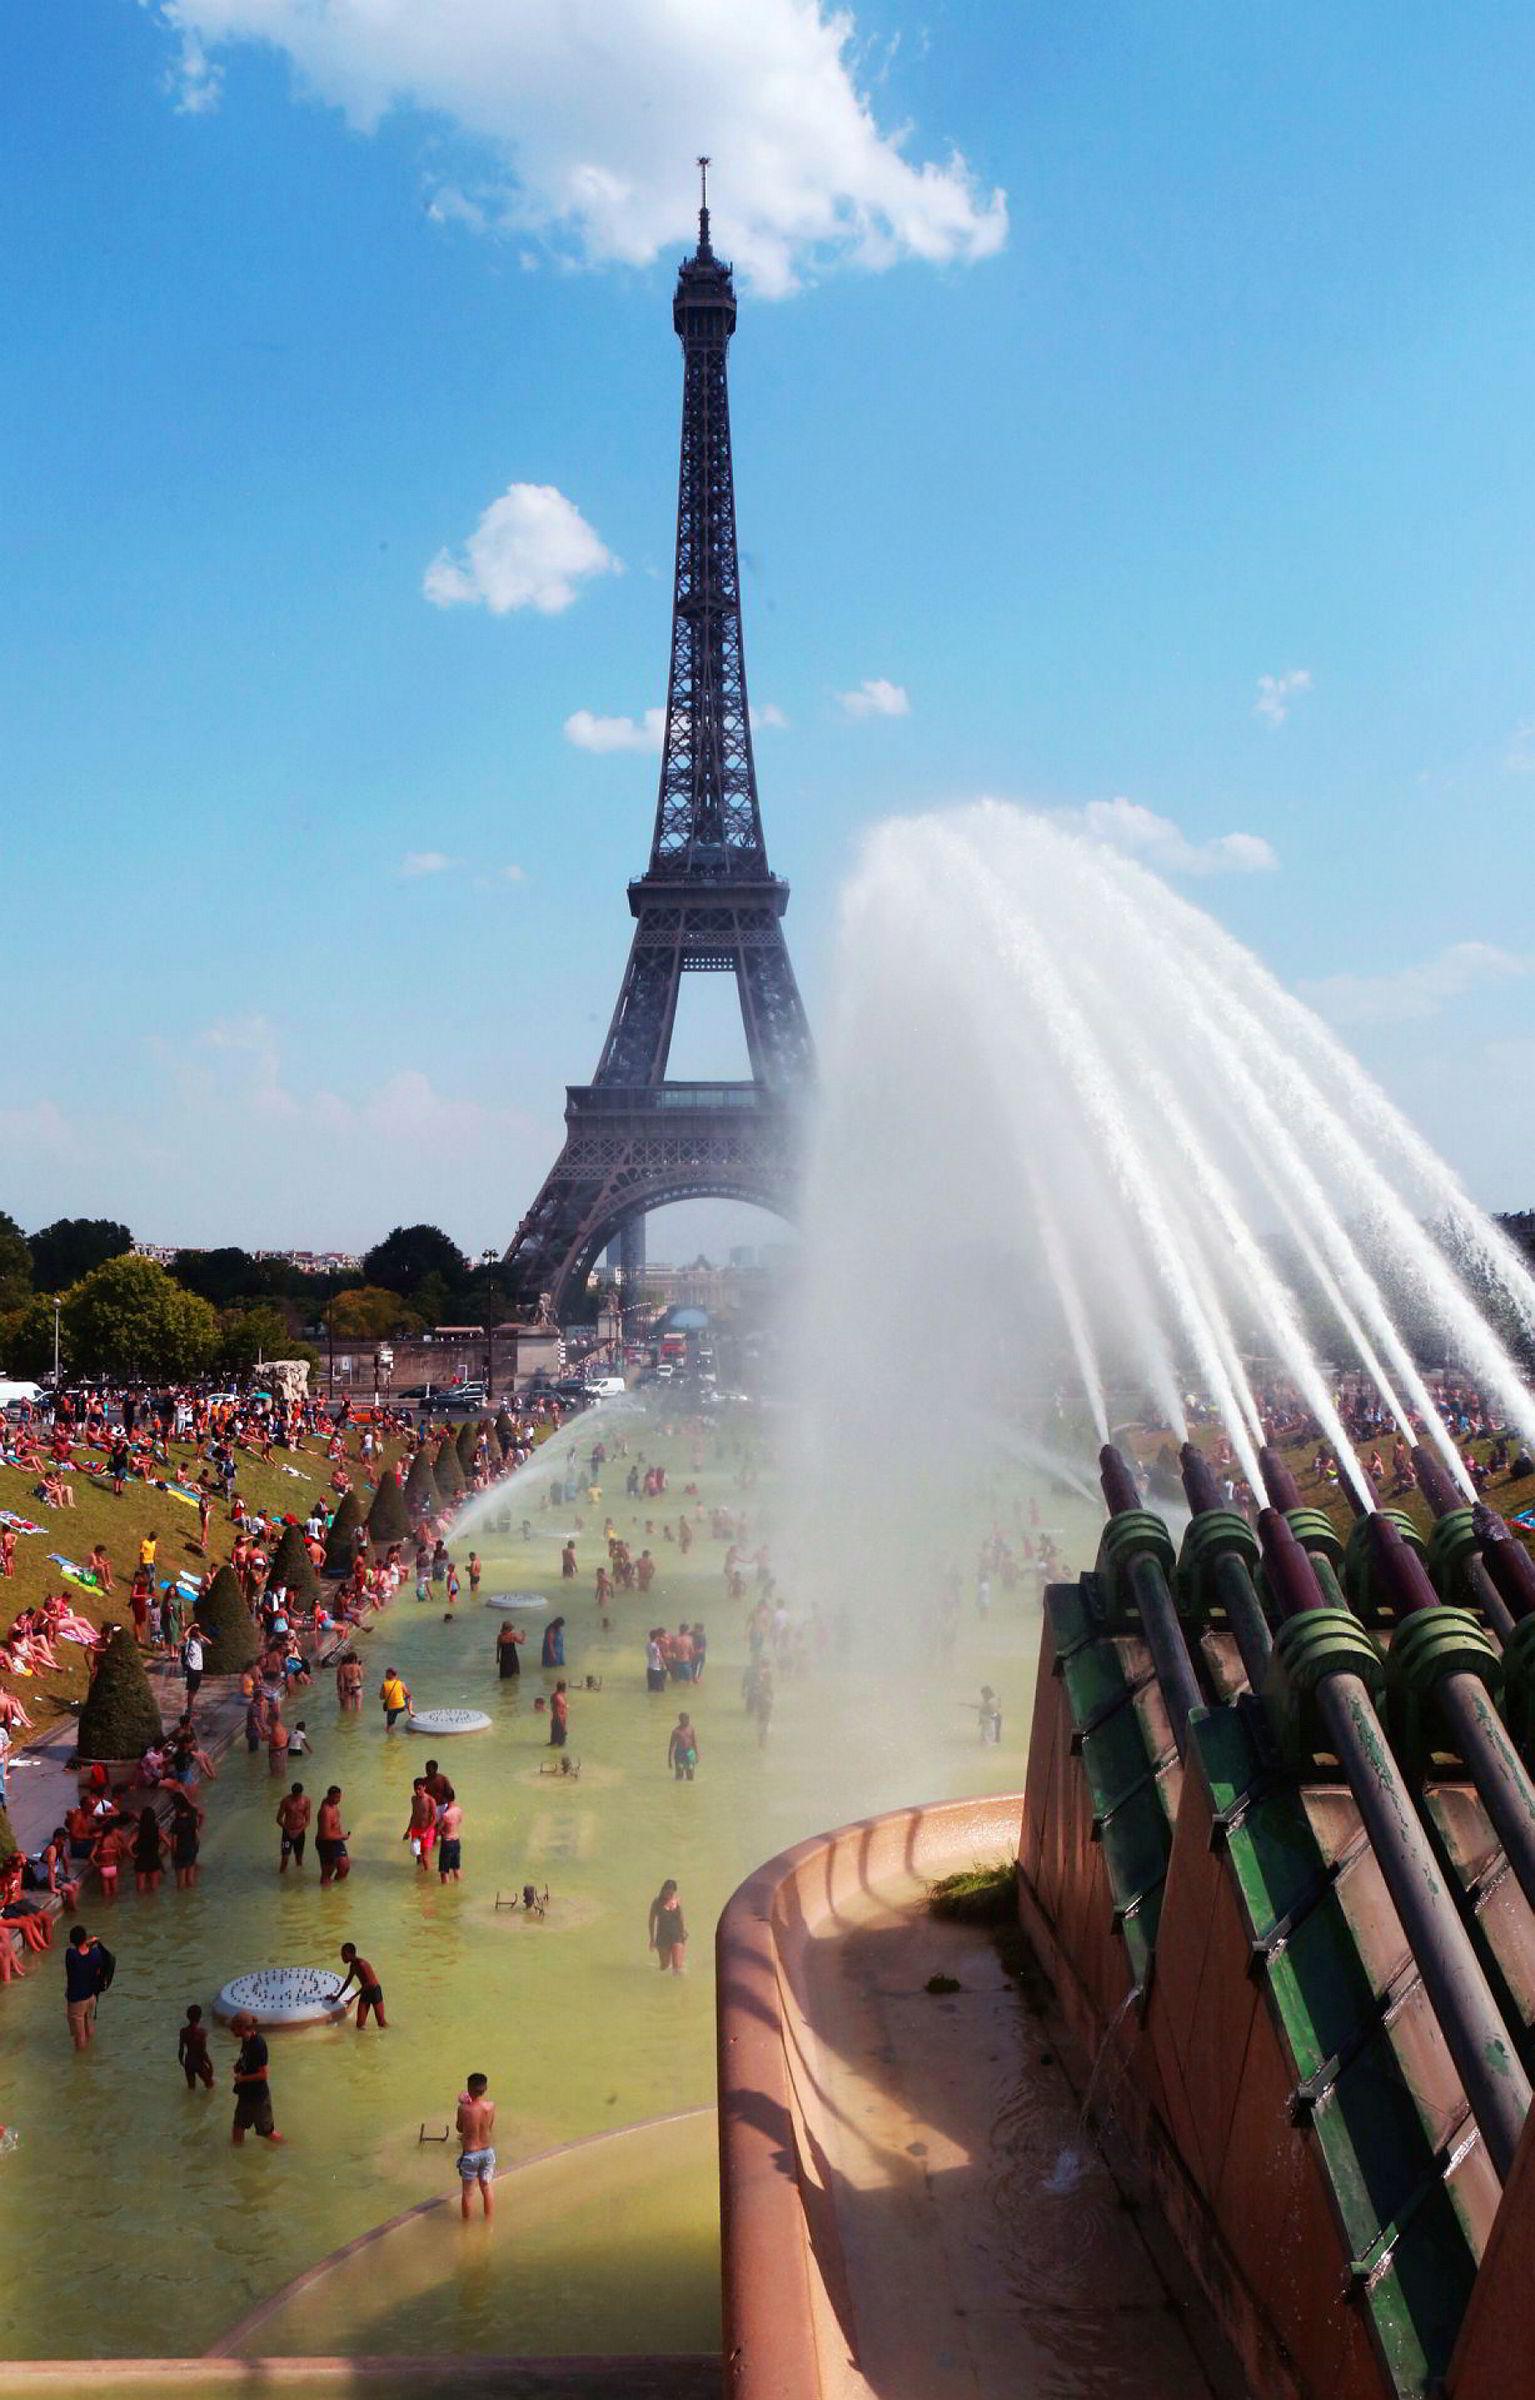 Folk trakk mot bassenger og fontener da hetebølgen rammet Paris i sommer. 25. juli, da dette bildet ble tatt, målte man en temperatur på 42 grader.